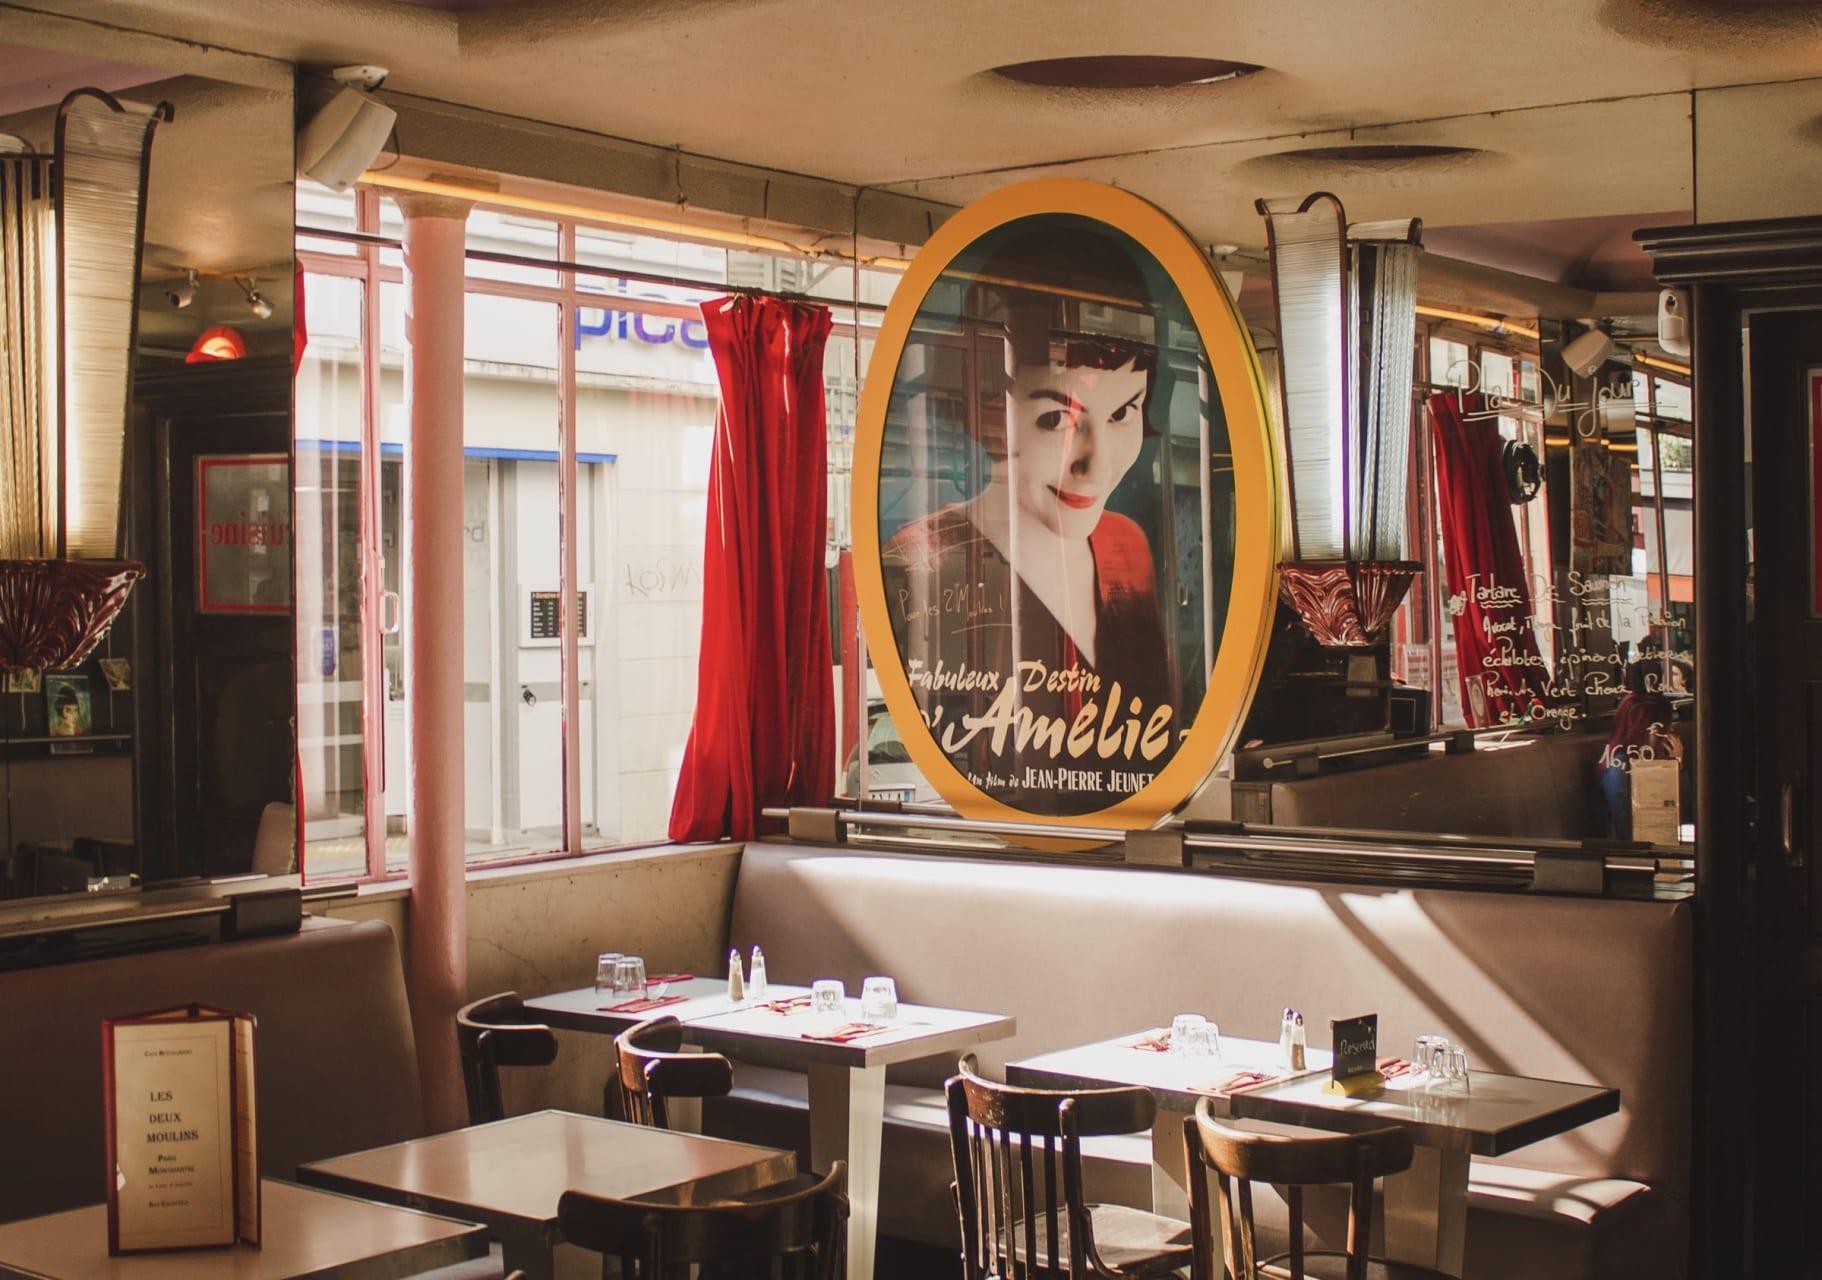 Paris - Amélie Poulain and Romantic Life